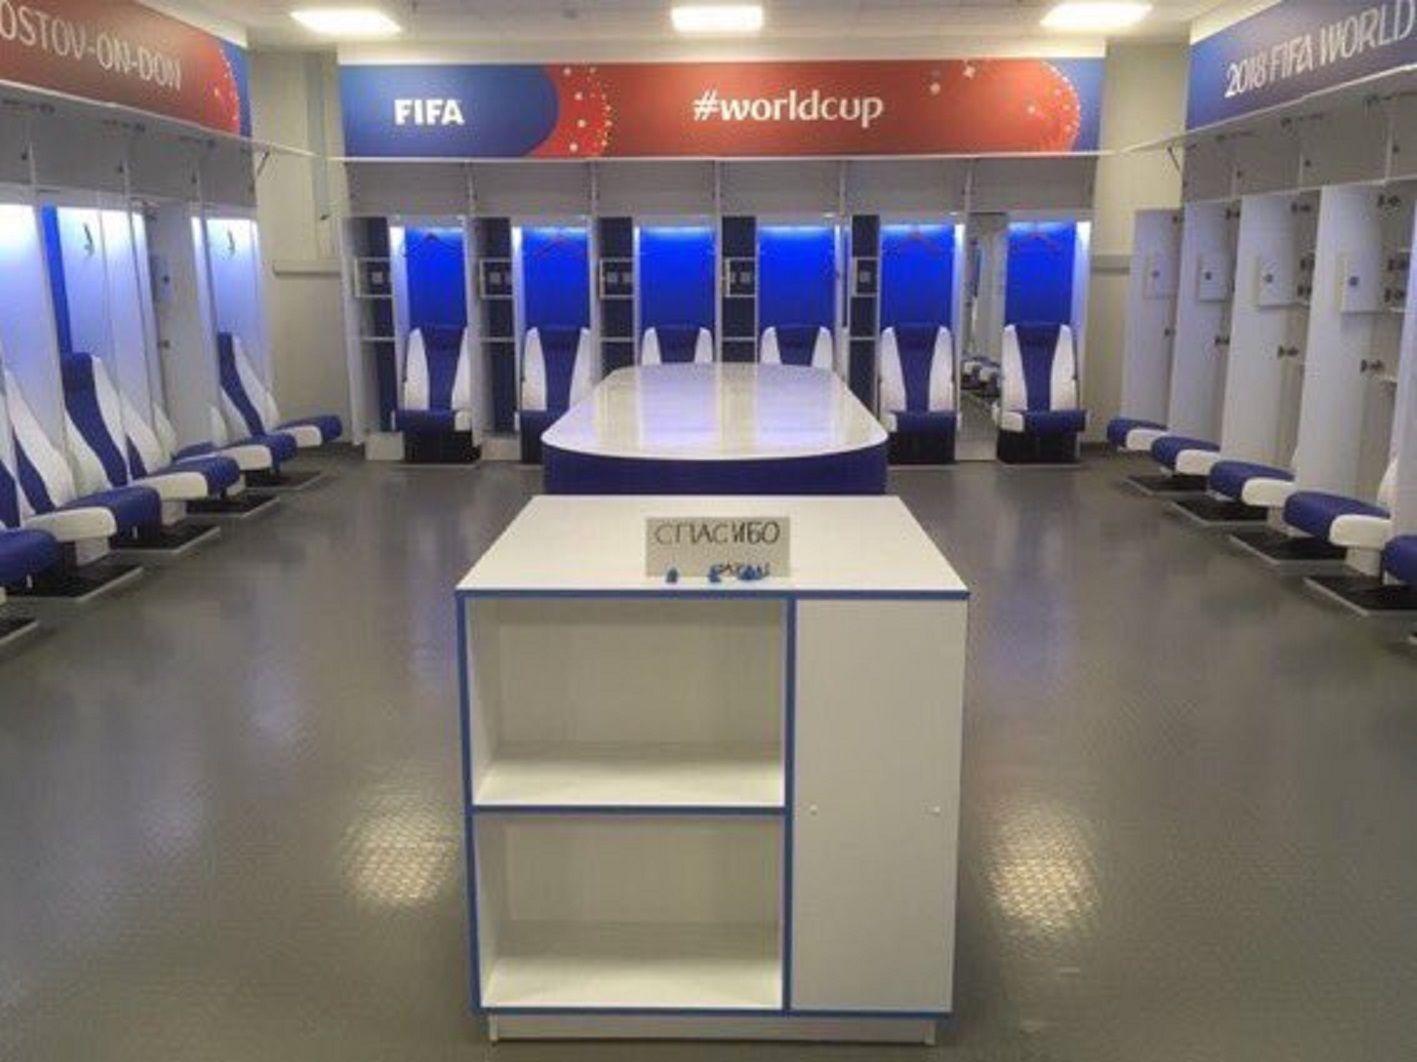 Japón, el equipo ejemplar: tras la eliminación, limpiaron el vestuario y hasta agradecieron